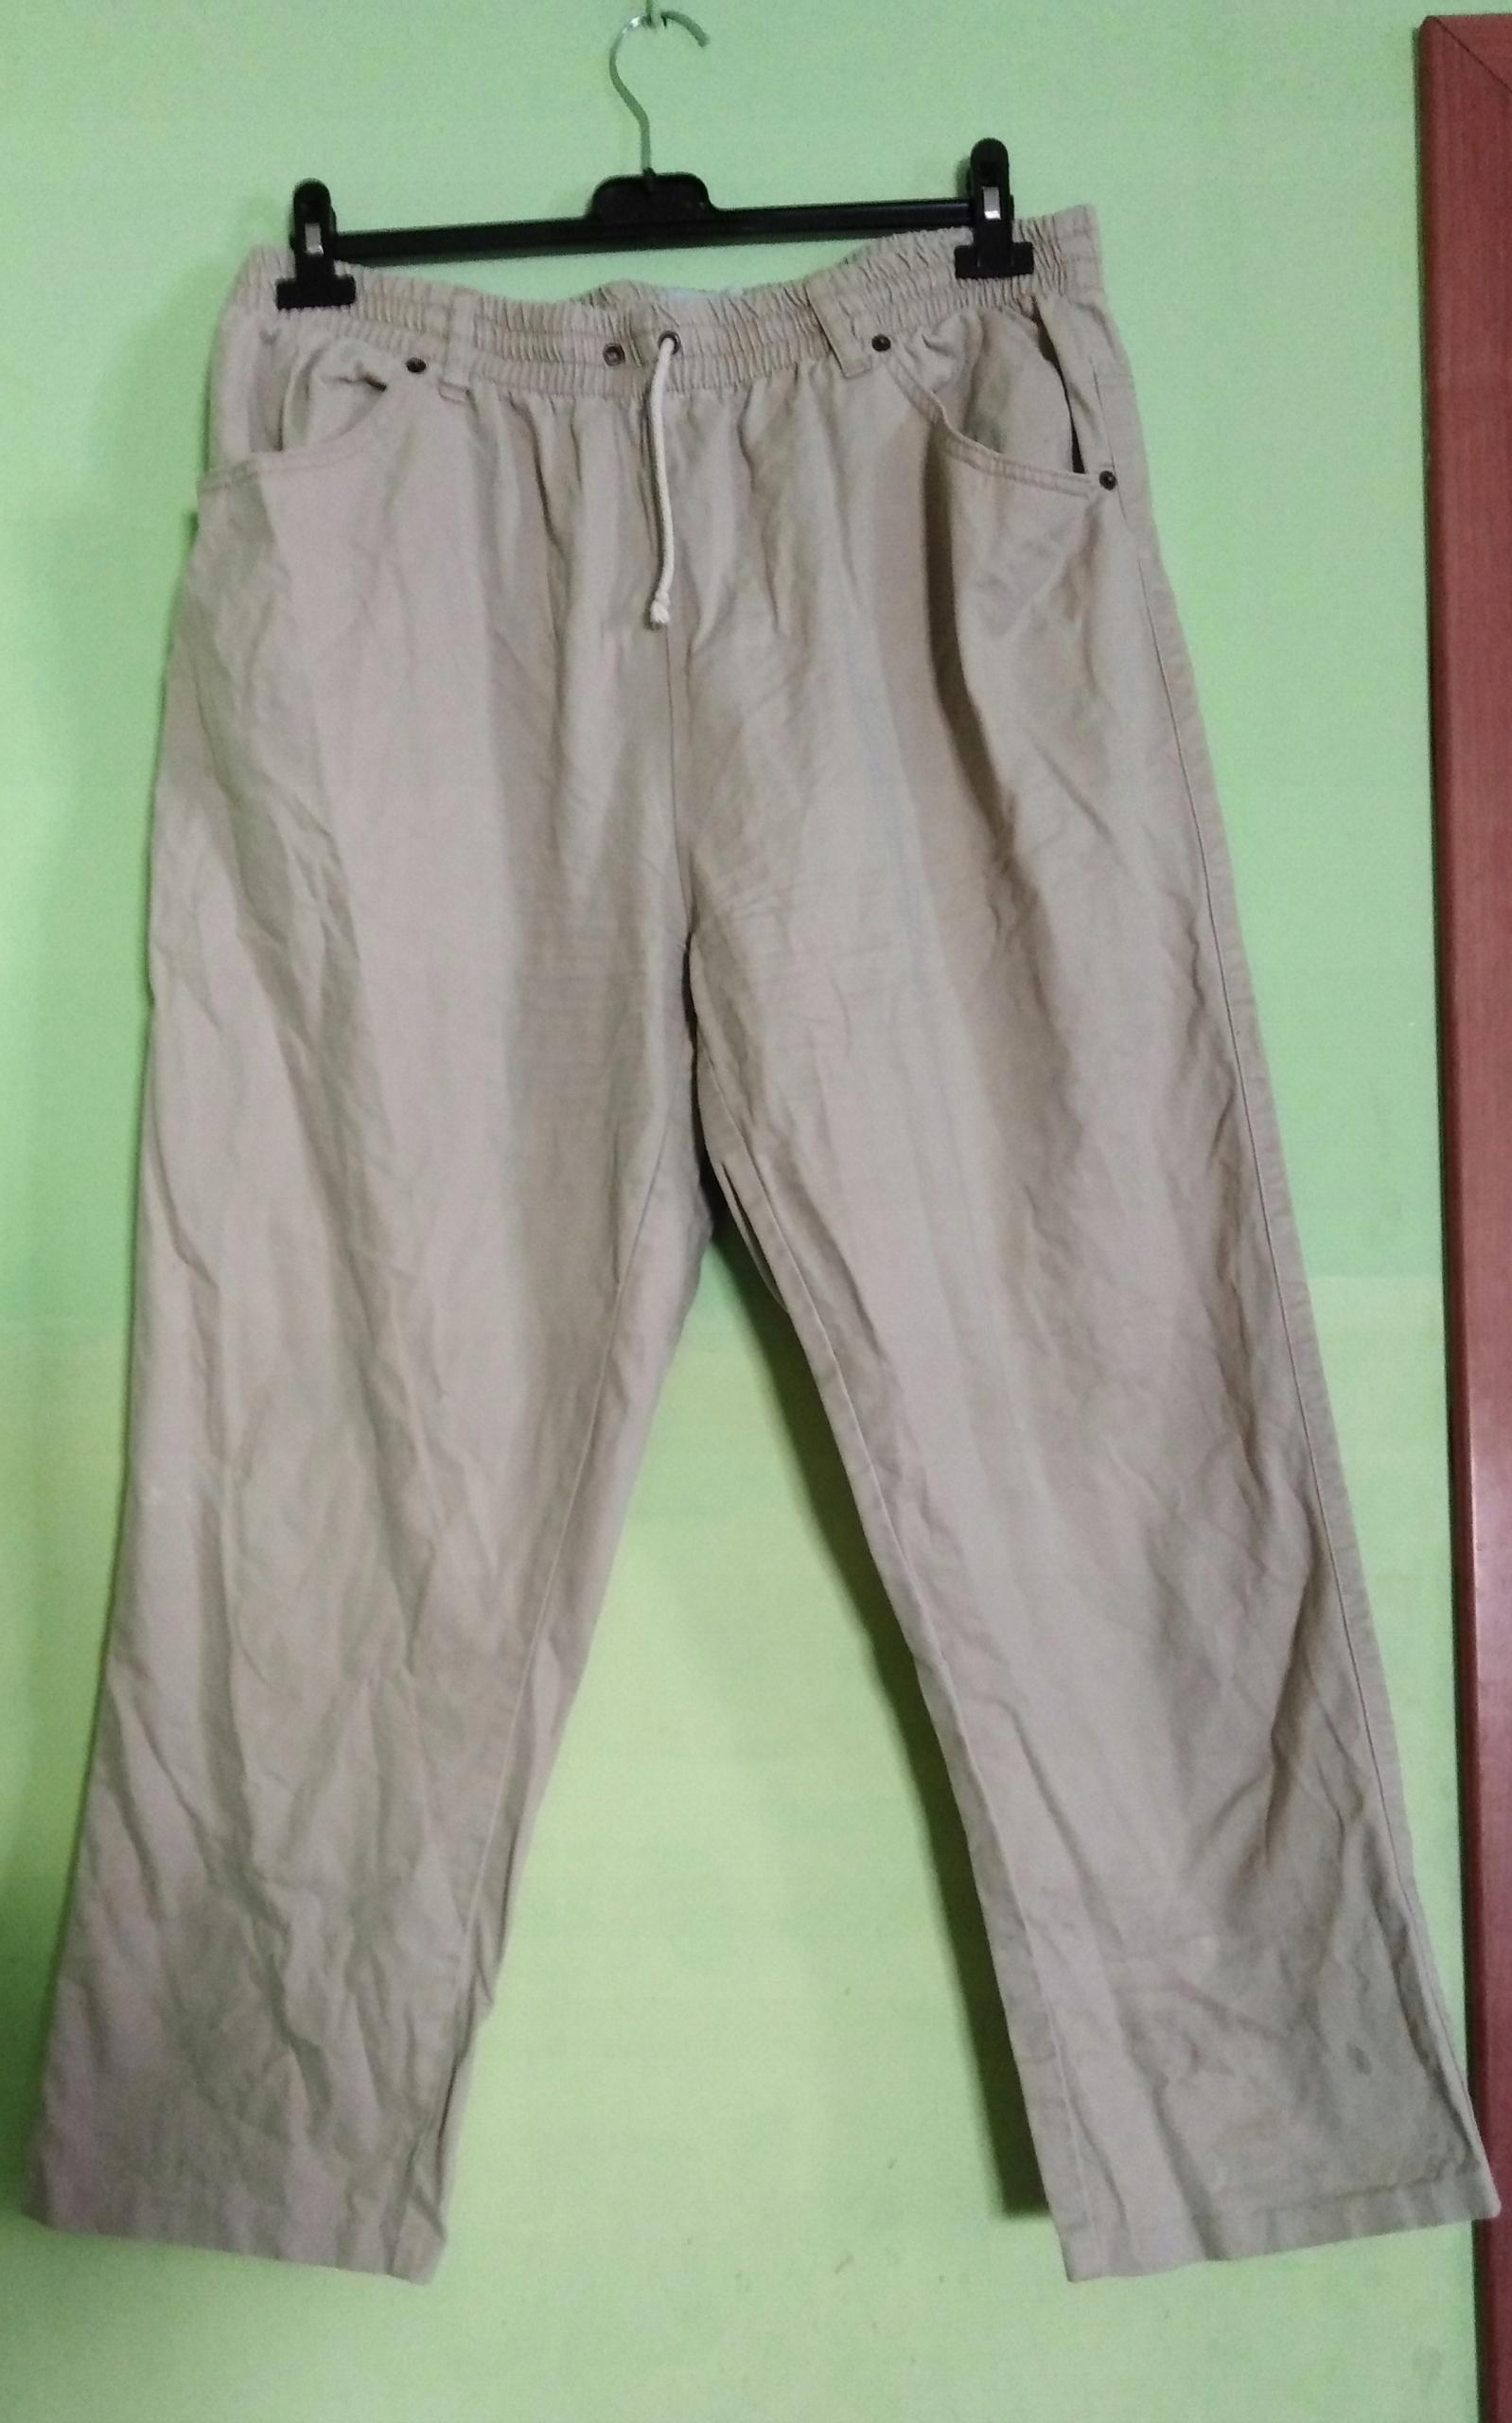 wyprzedaż ze zniżką sprzedaż obuwia wylot online Spodnie ROZM 48